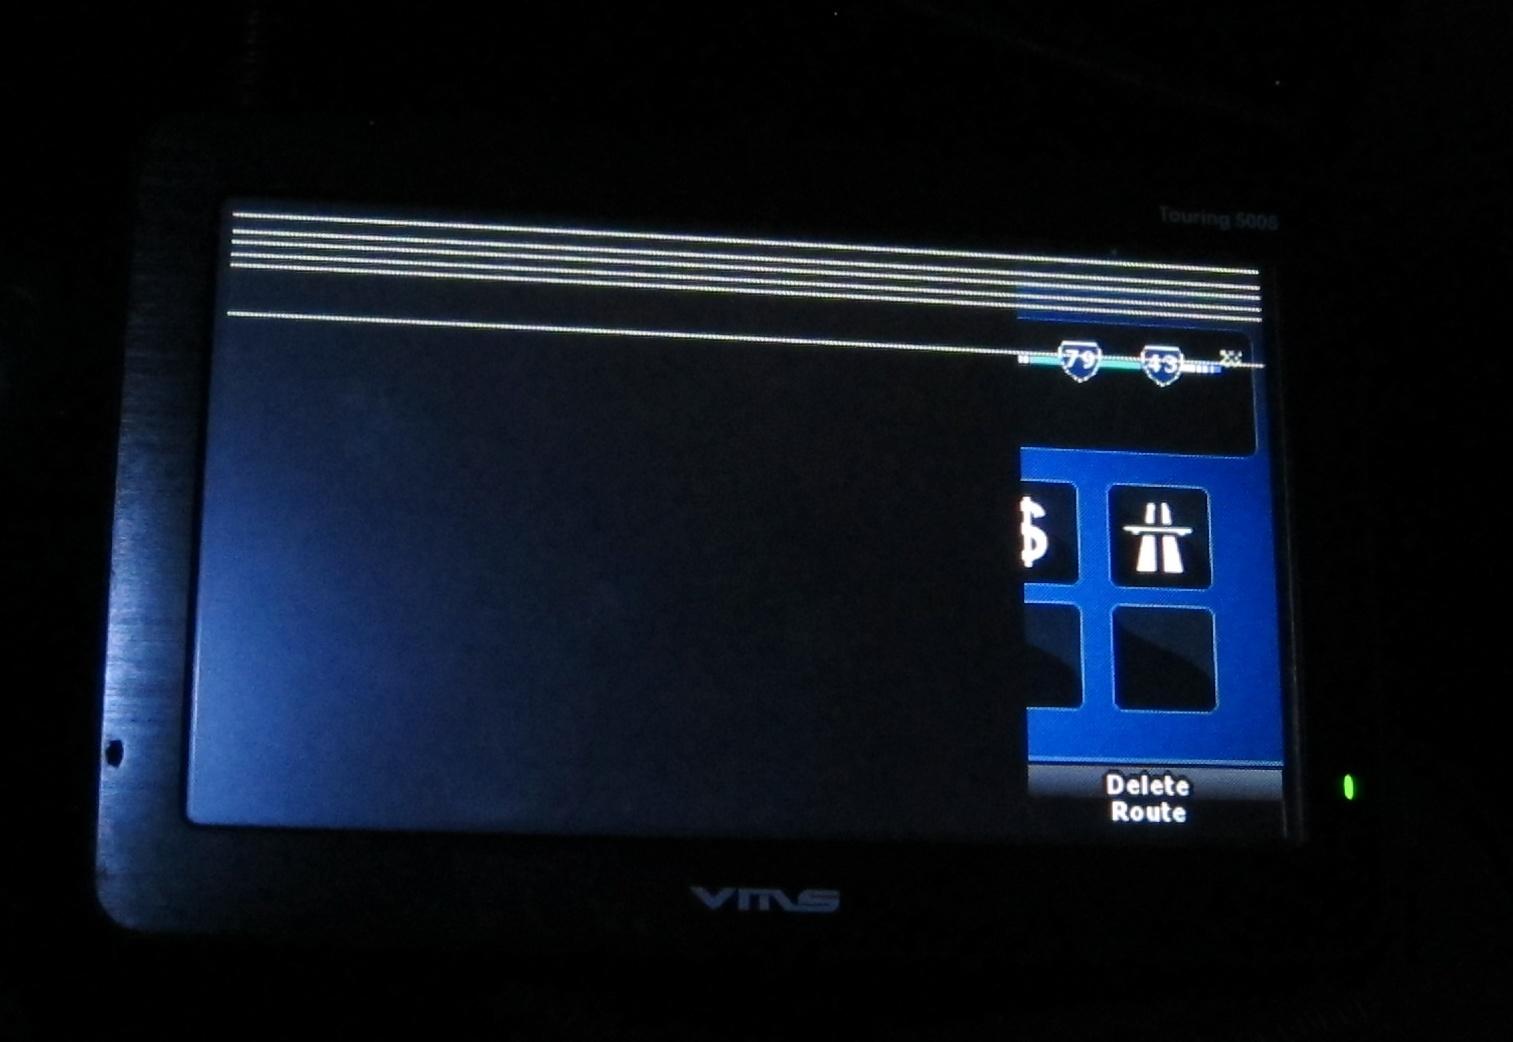 Vms02